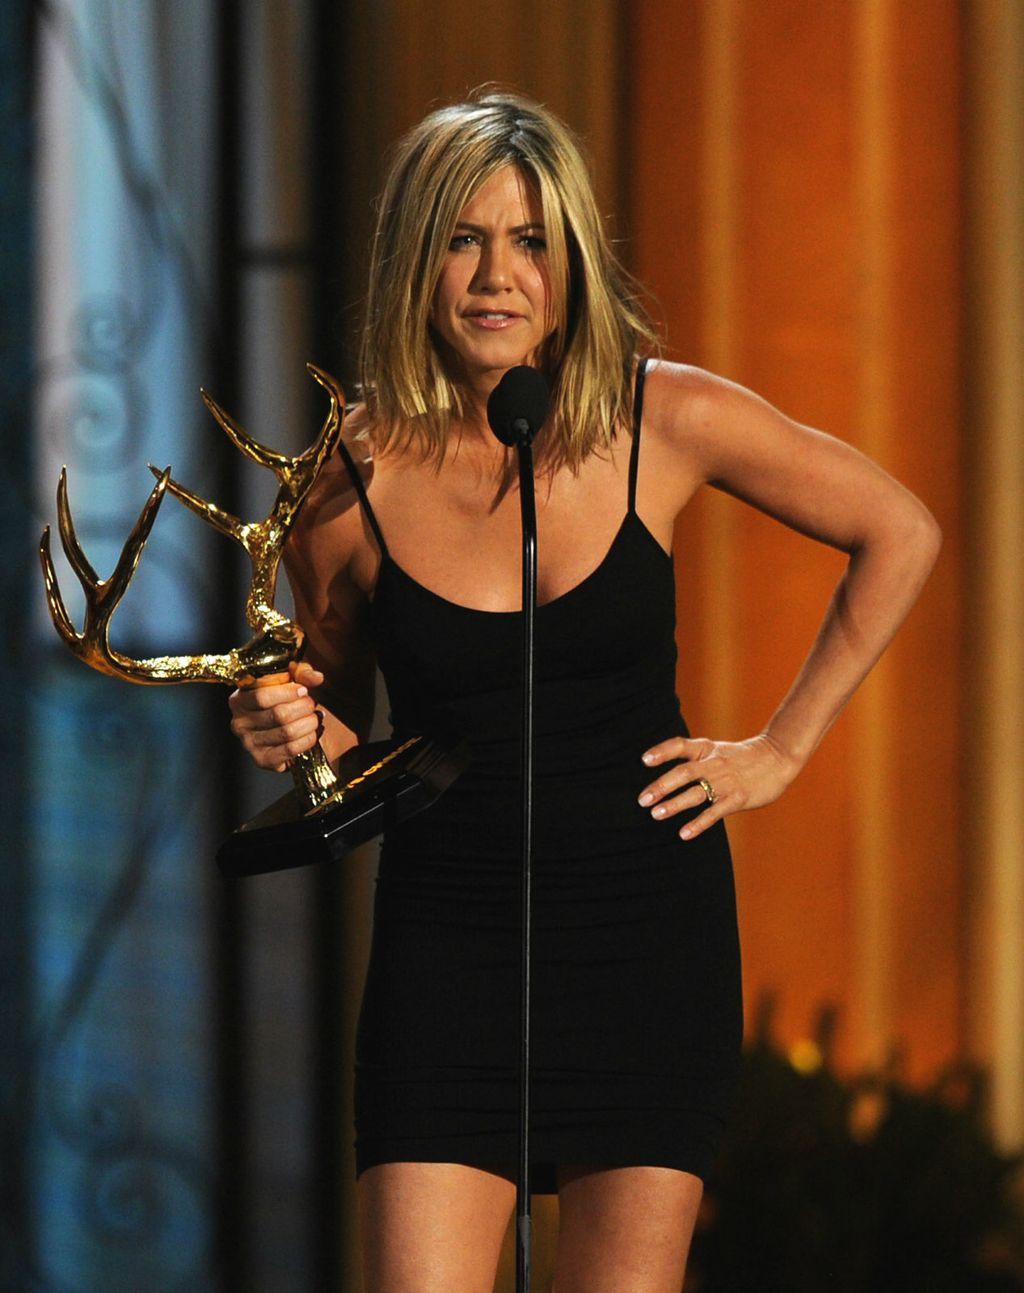 Jennifer u maloj crnoj haljini - 1